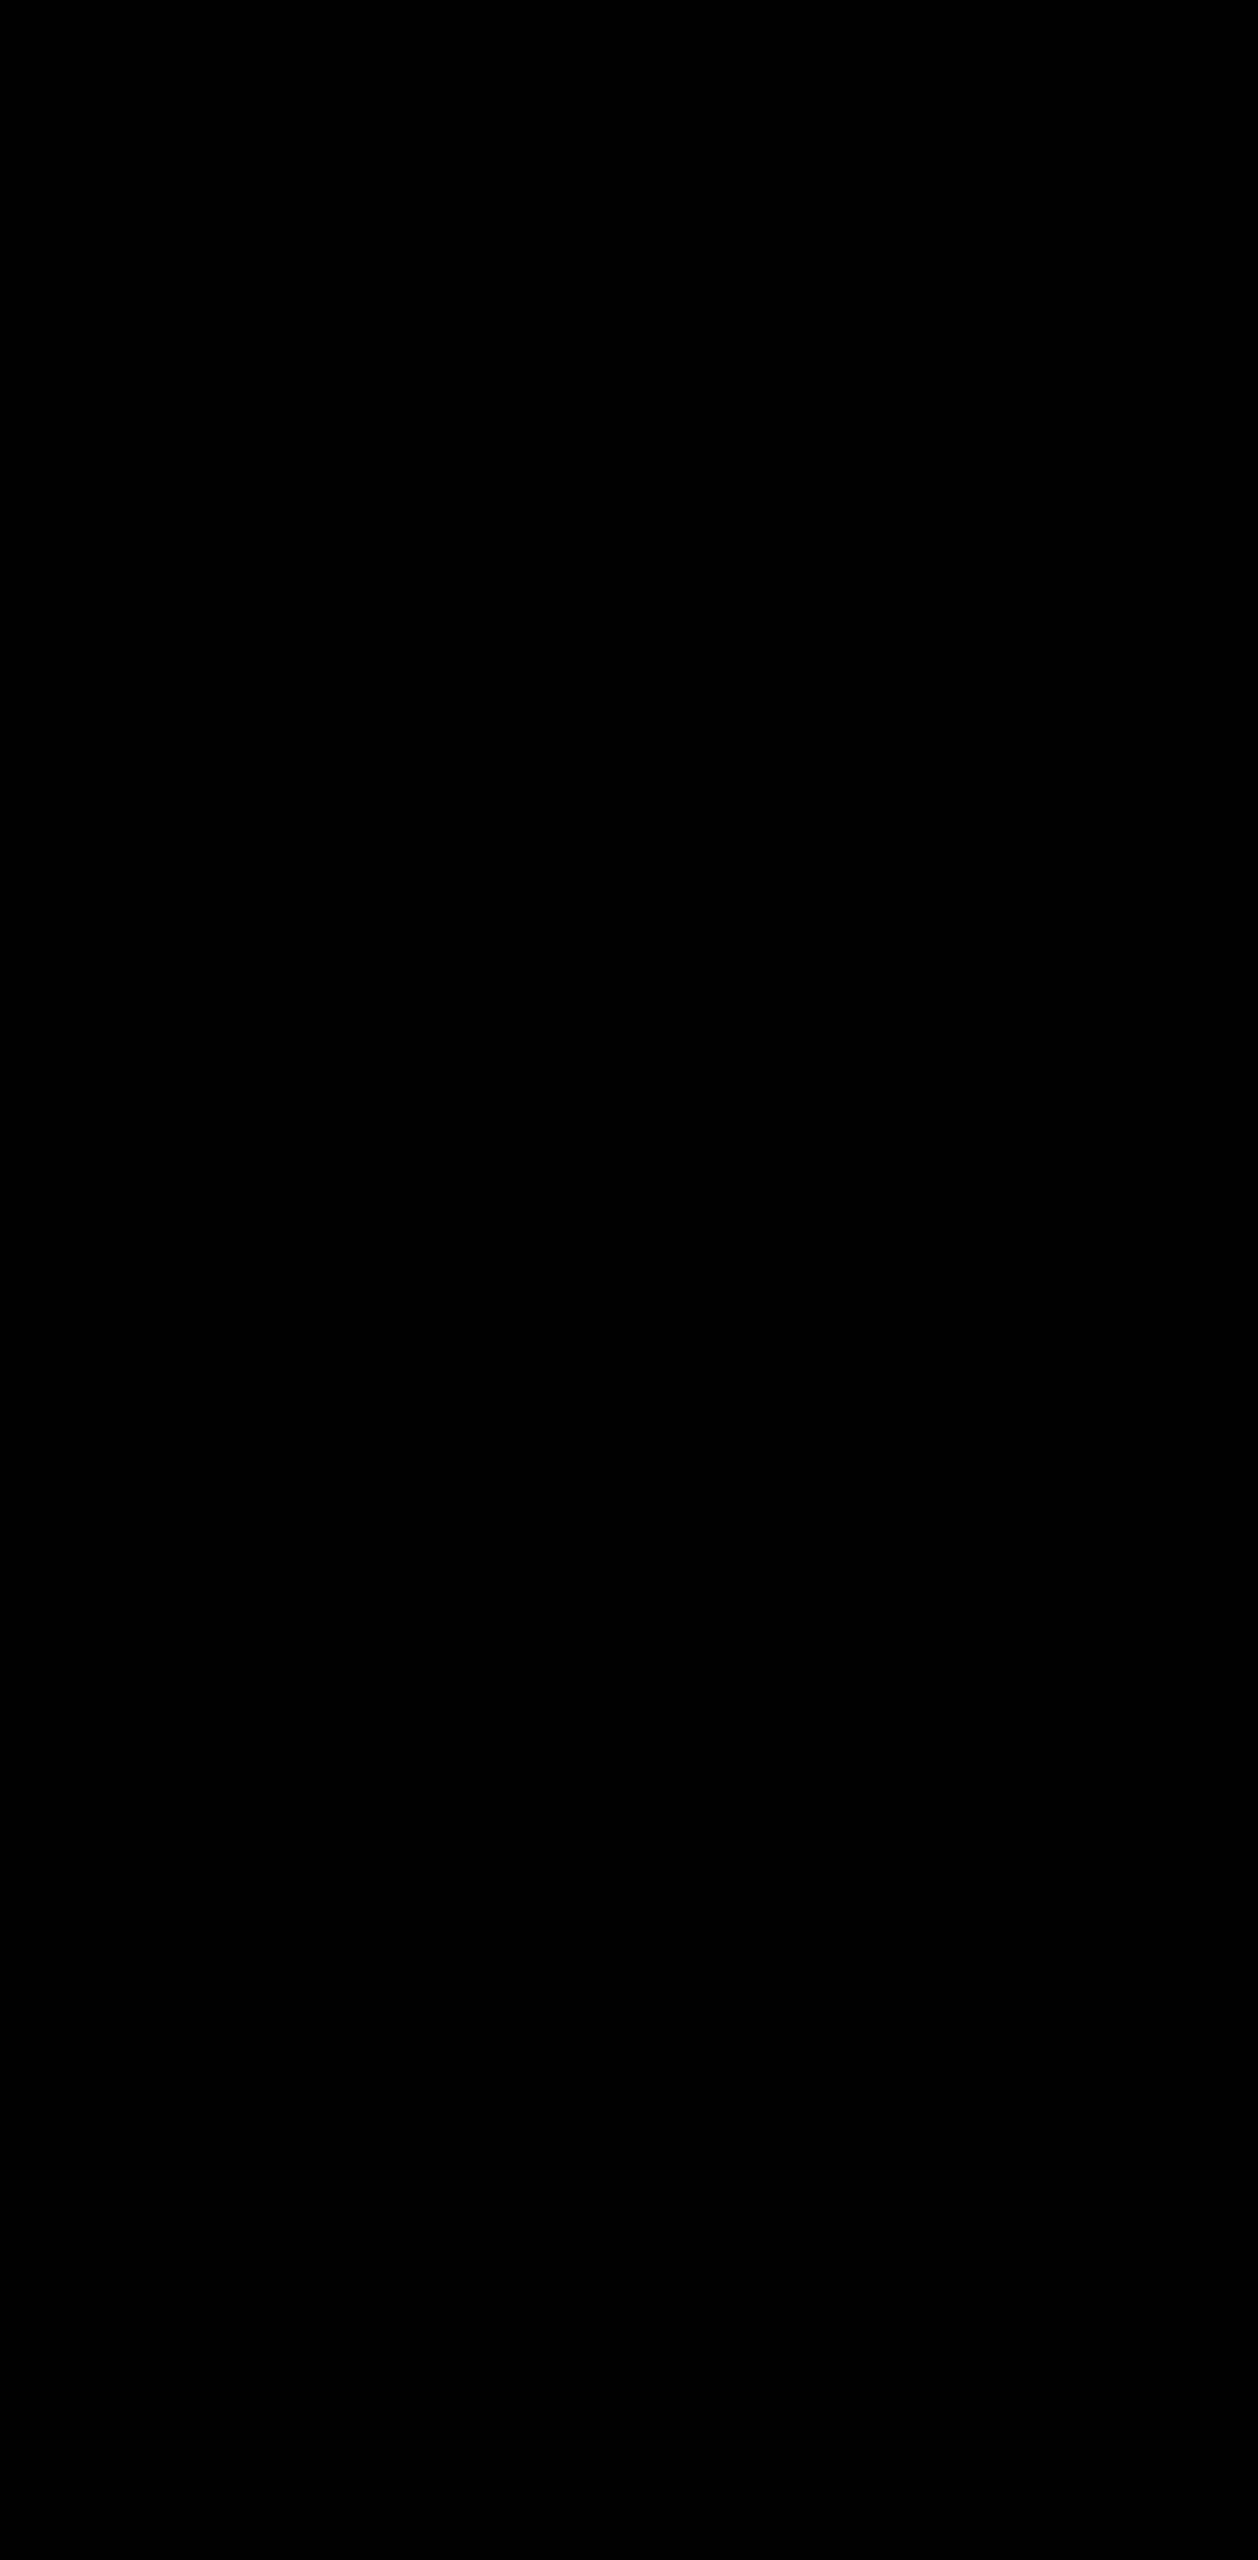 Deckel - Faltschachteln mit Aufhänger